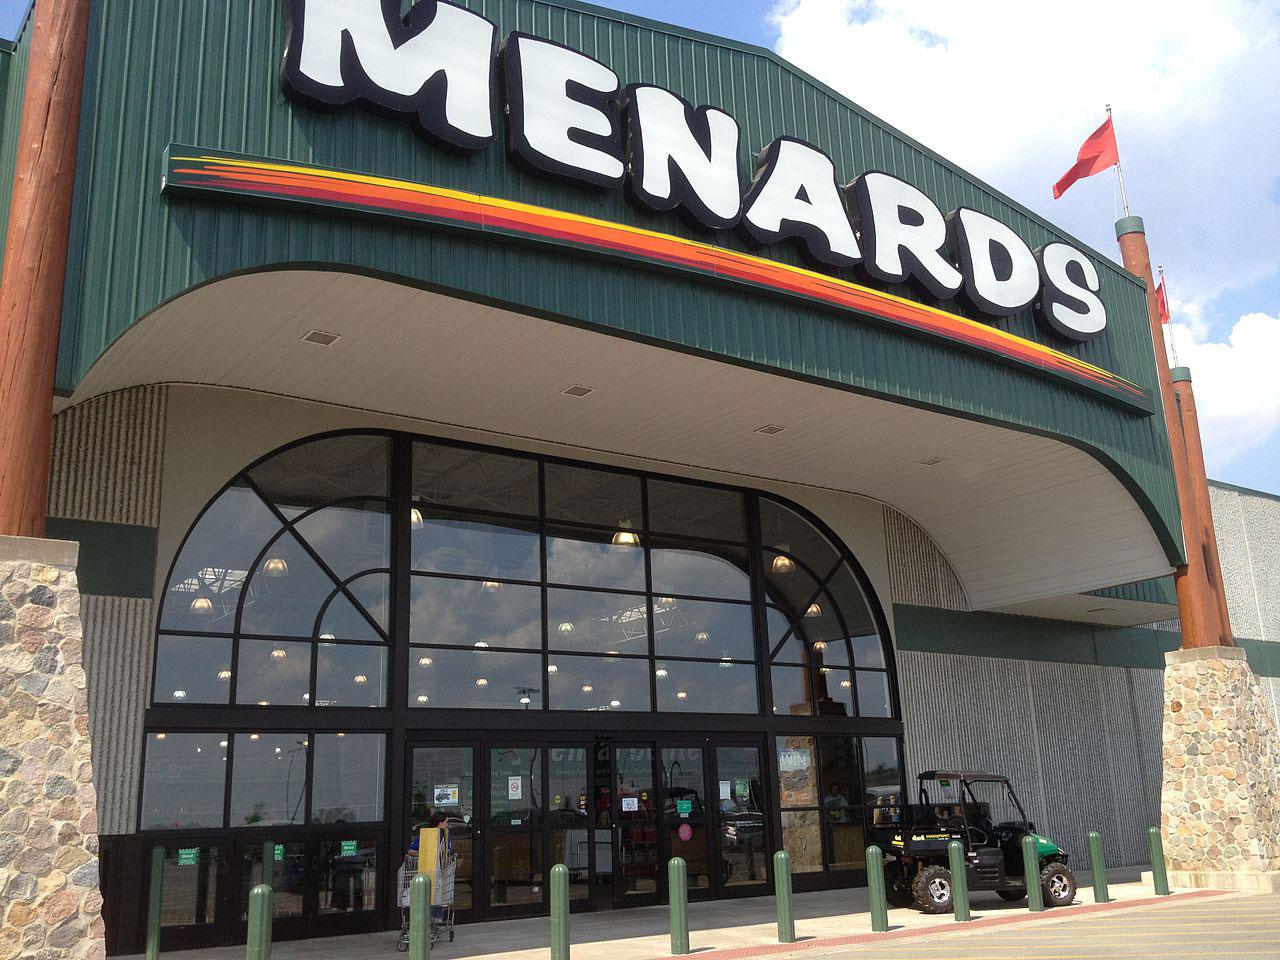 Menards storefront23813691-159532